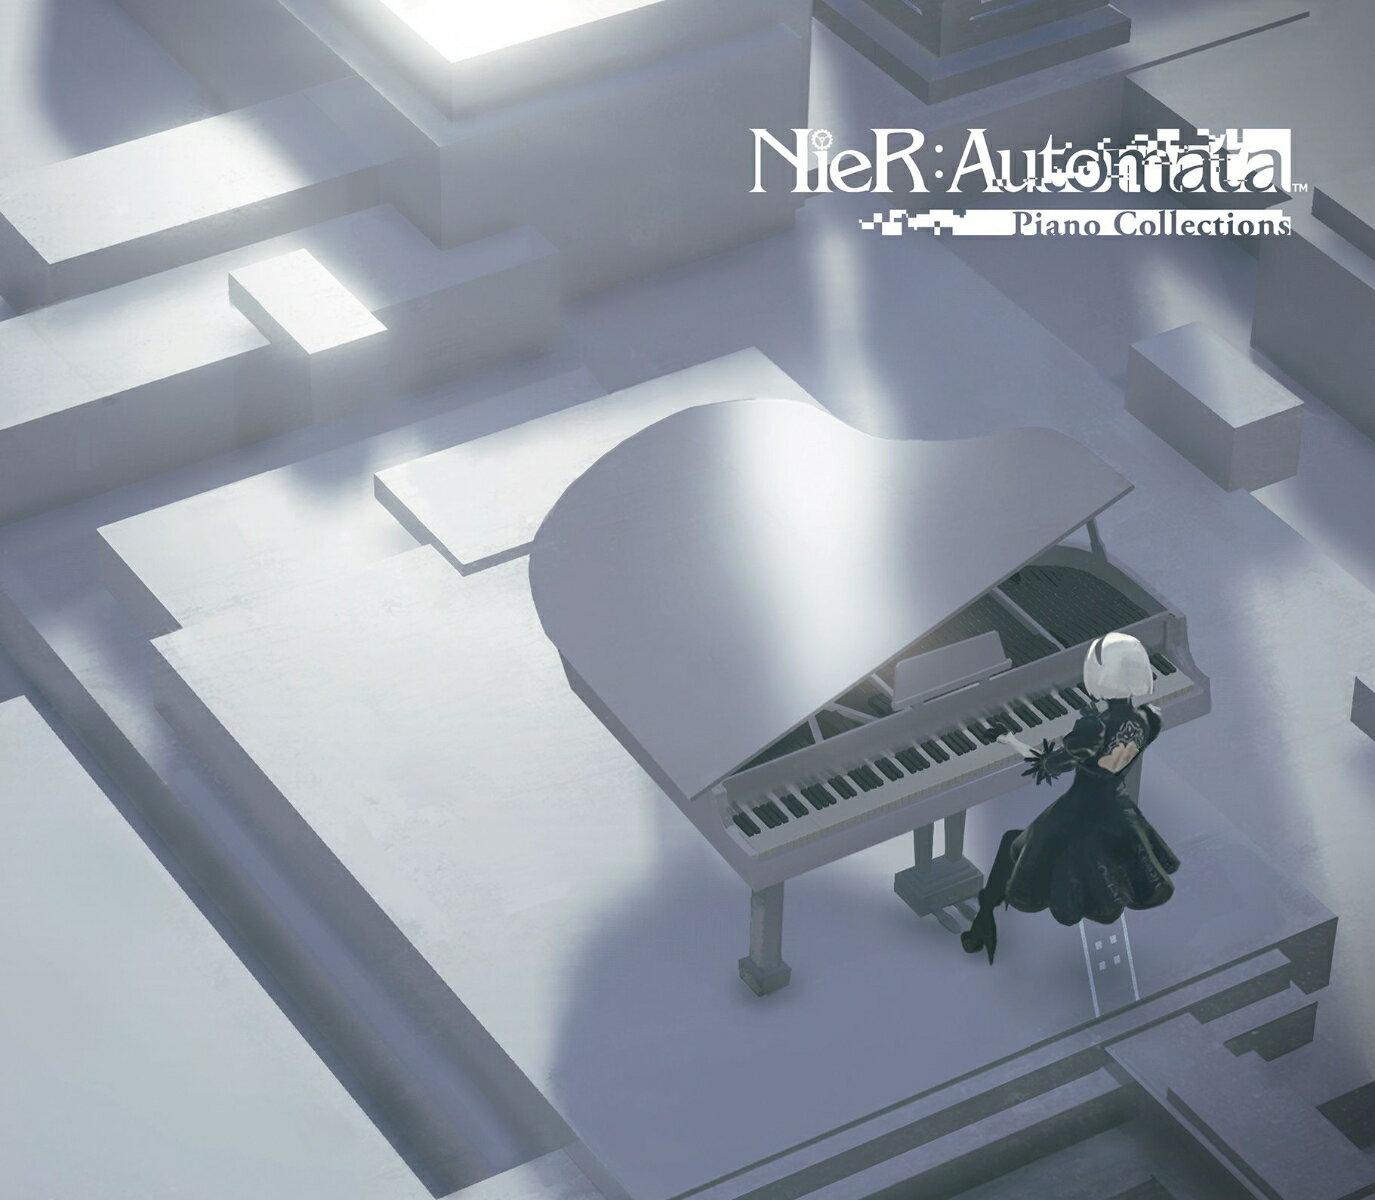 ゲームミュージック, その他 Piano Collections NieR:Automata ()